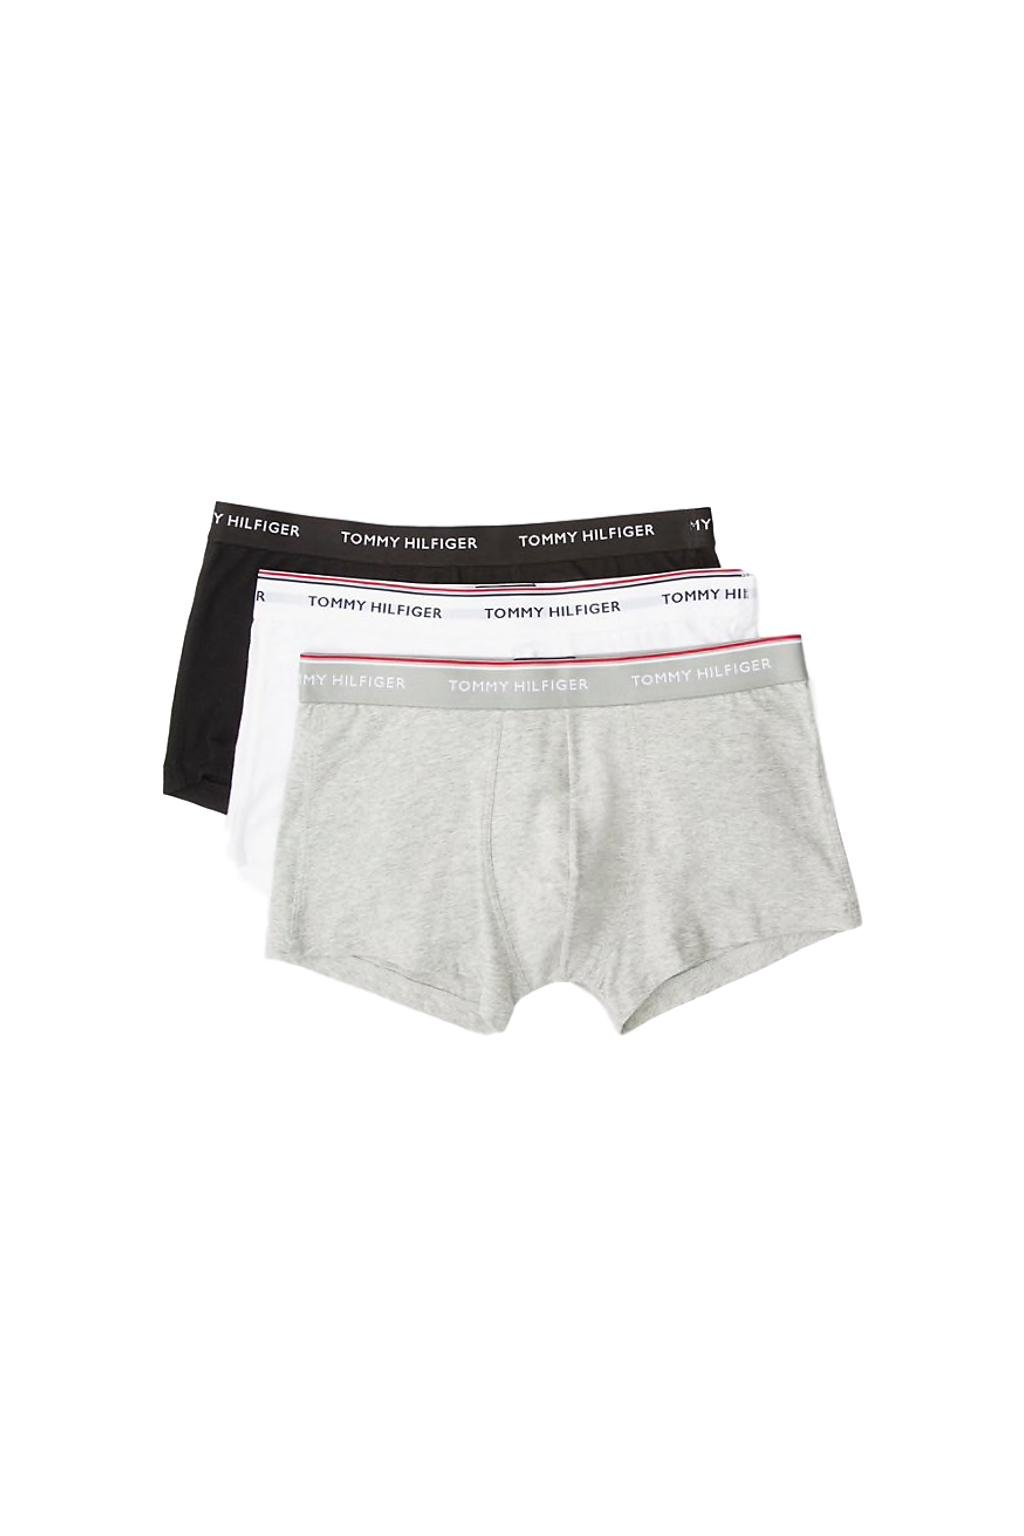 Tommy Hilfiger Boxerky Premium 3 balení - černá, bílá, šedá